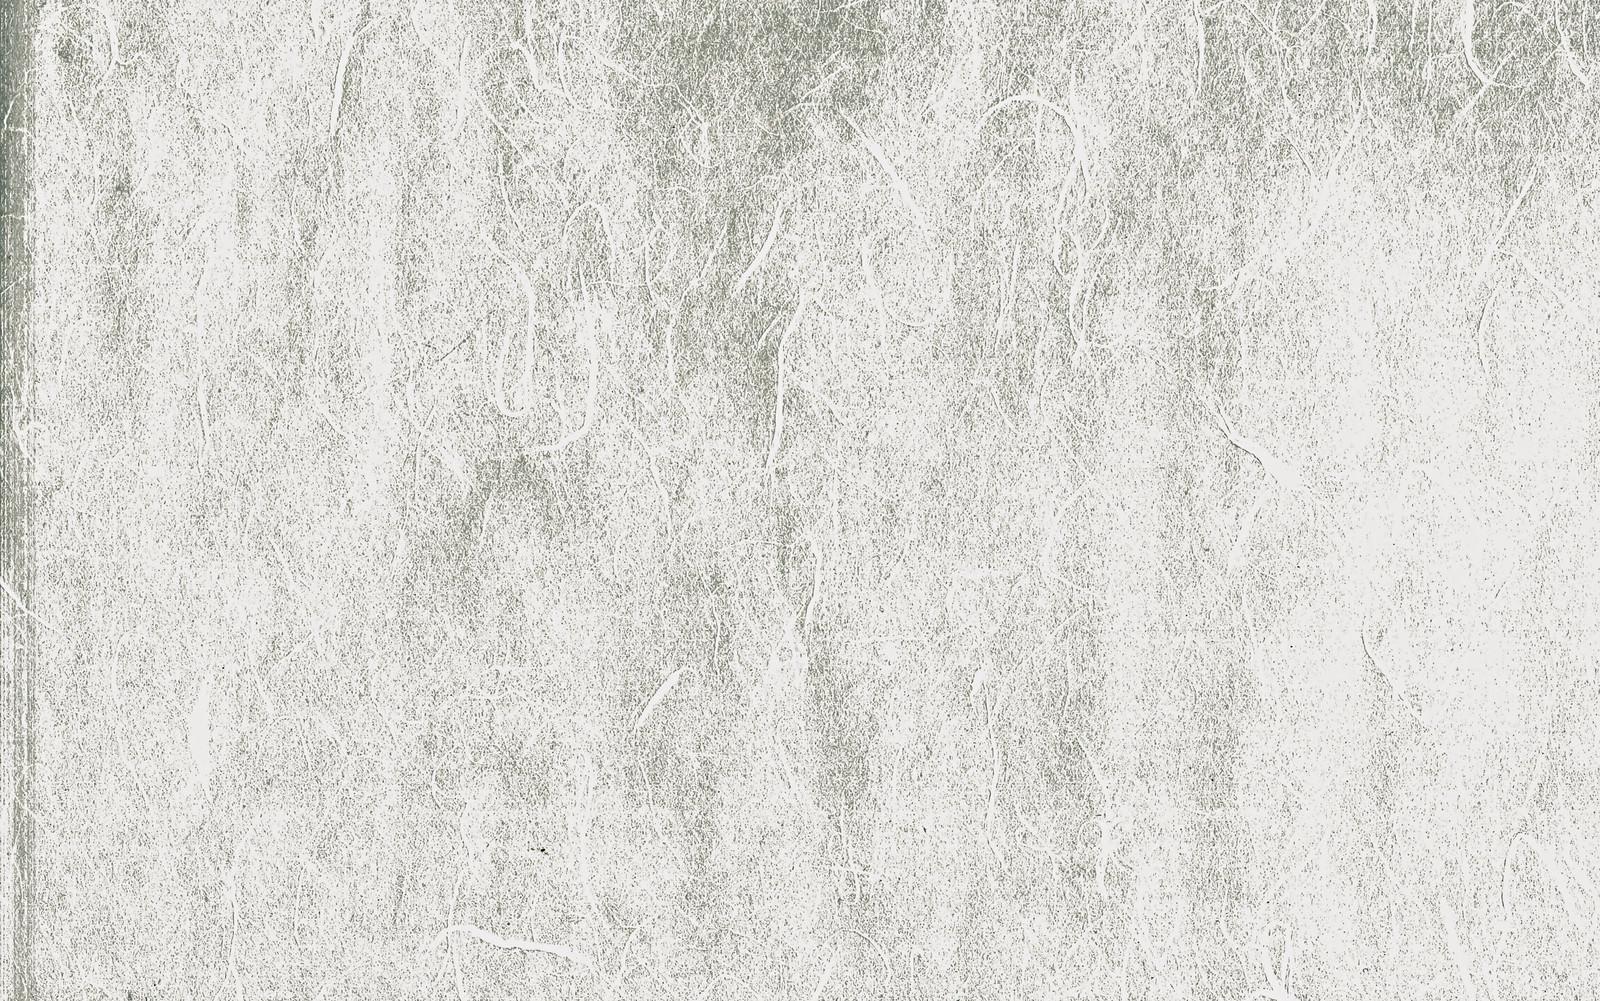 「繊維跡が残る和紙(テクスチャ)」の写真